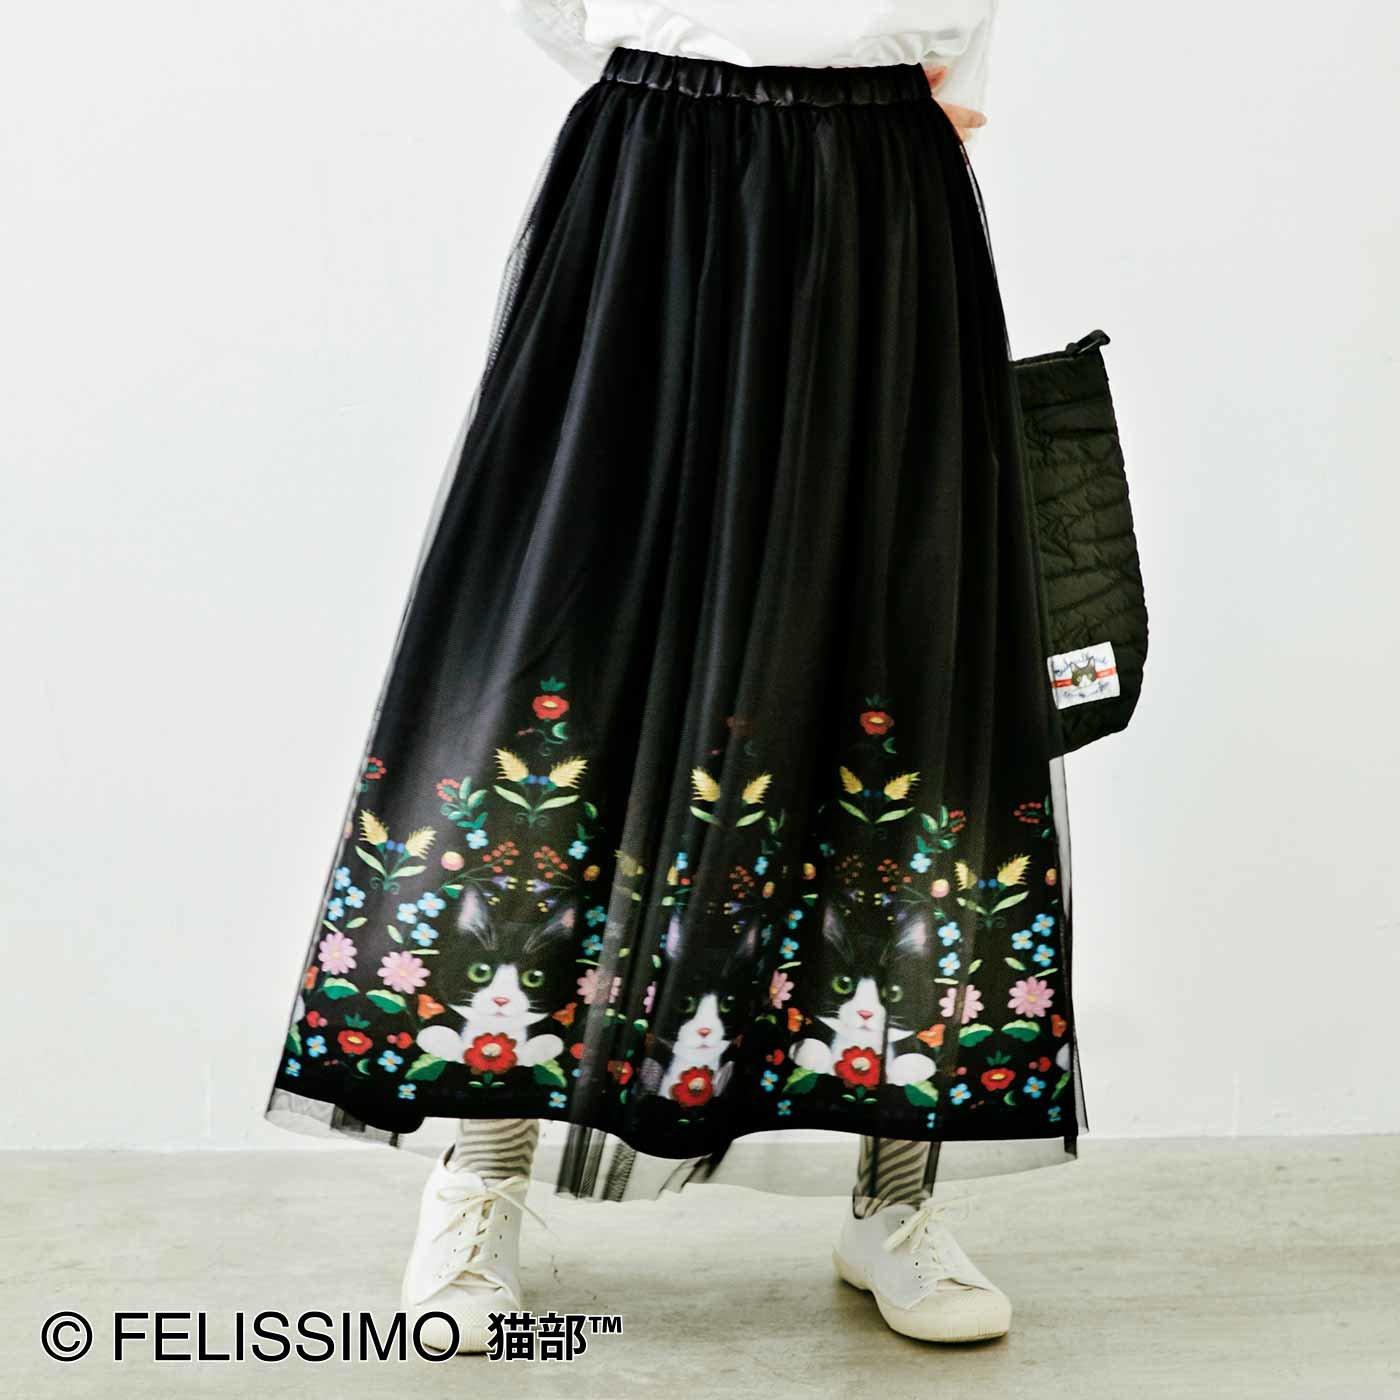 ハチワレ猫さんとお花のチュールスカート